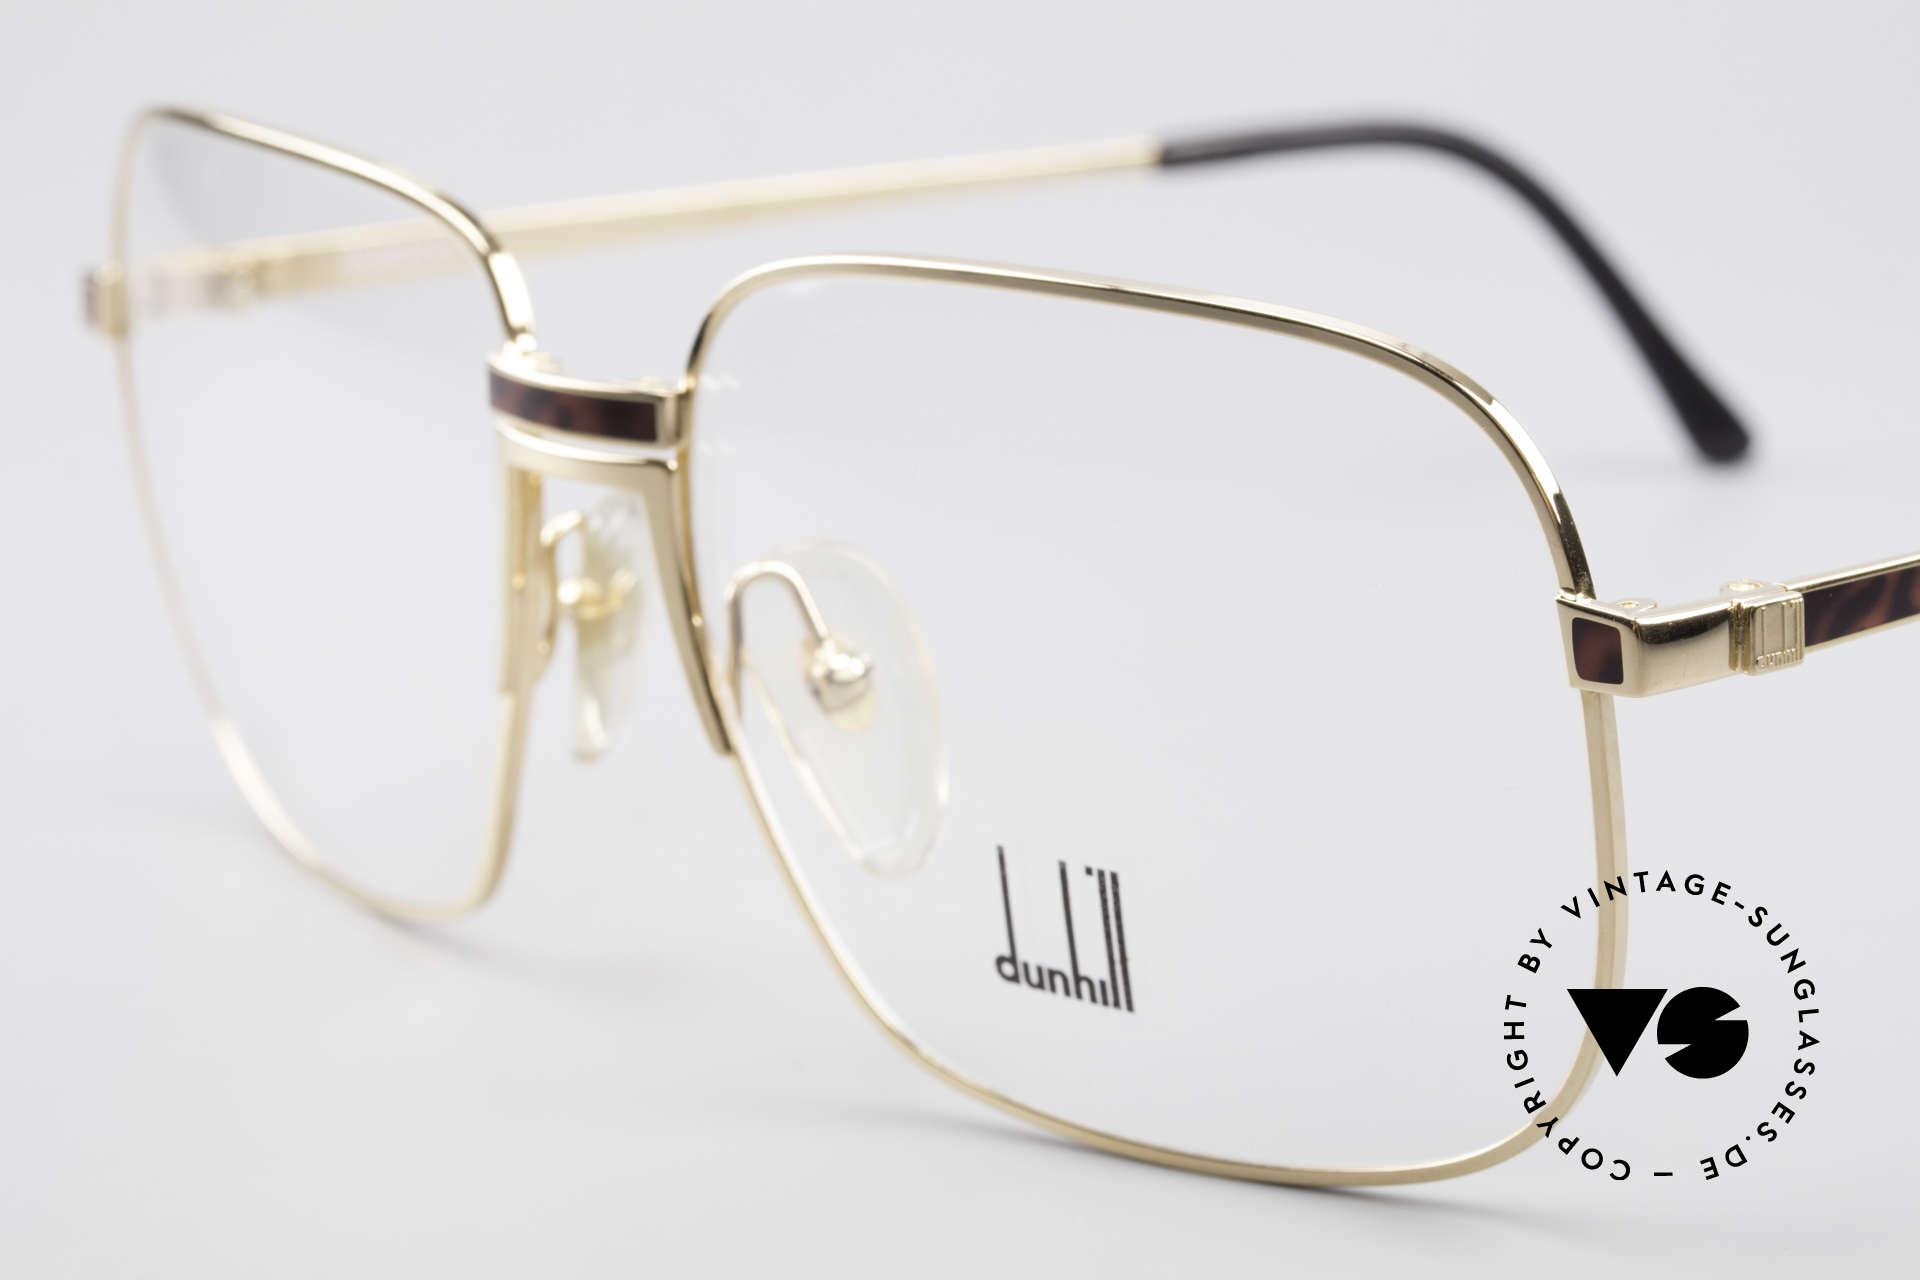 Dunhill 6090 Chinalack 90er Herrenbrille, mit Chinalack (viele Schichten verschiedener Lacke), Passend für Herren